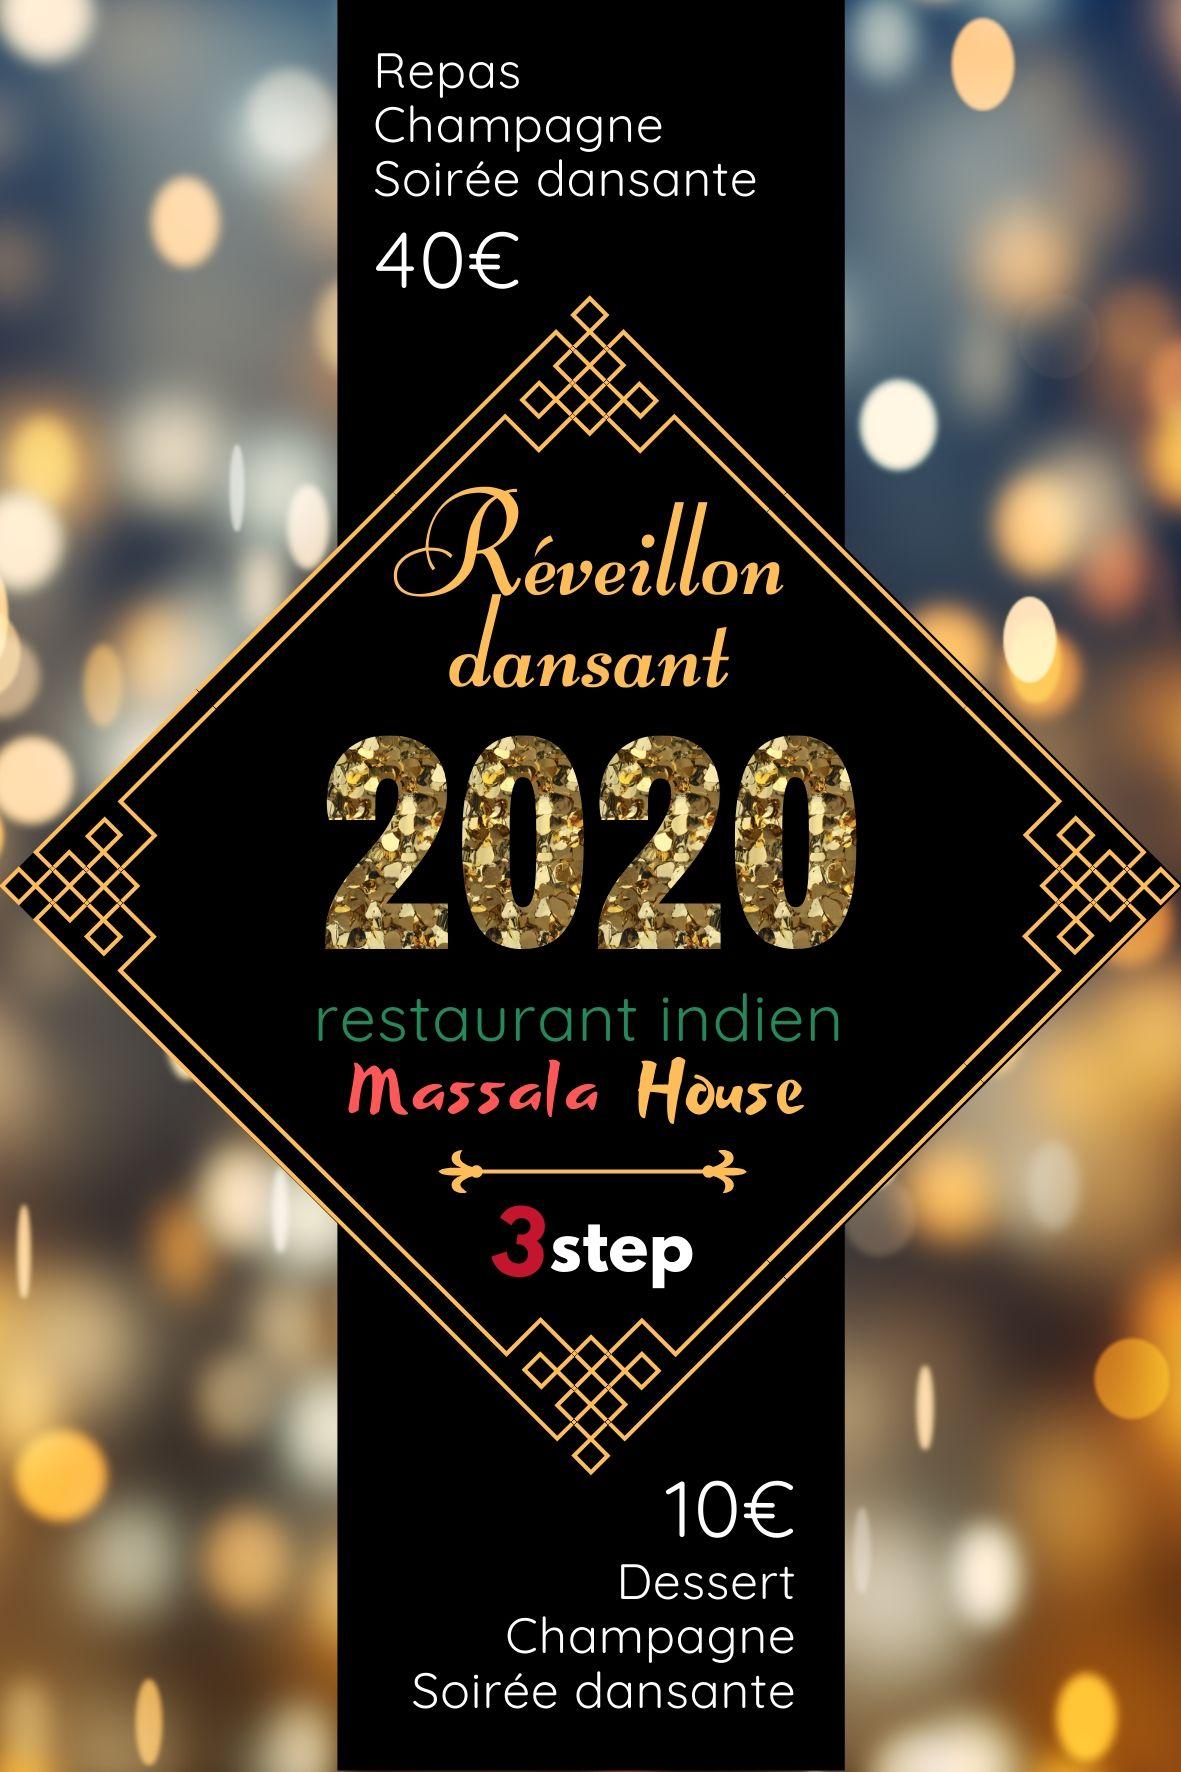 Réveillon 3step 2020